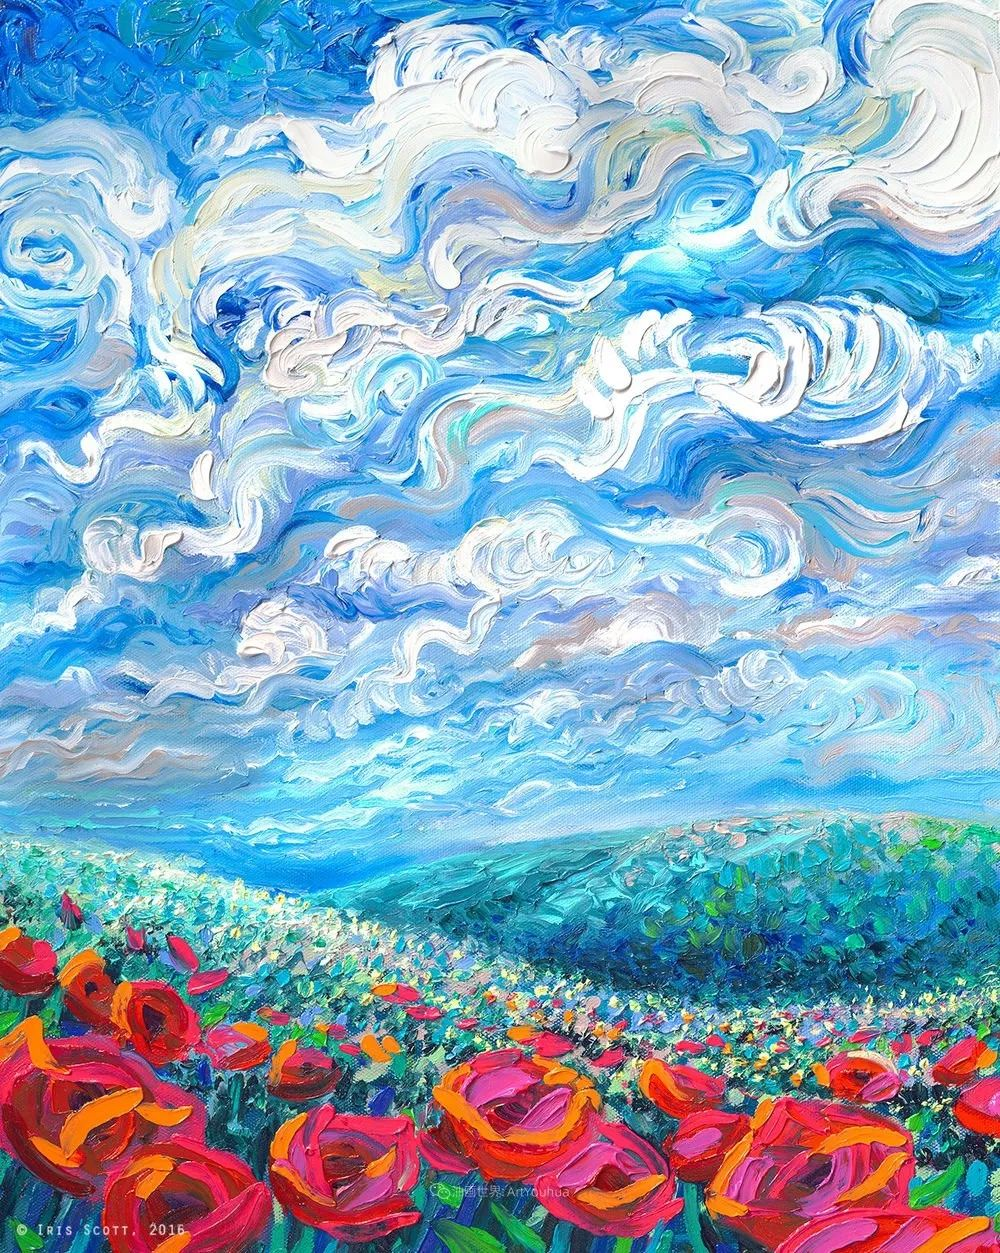 她用指尖来革新艺术世界,美国画家Iris Scott画选(上)插图45